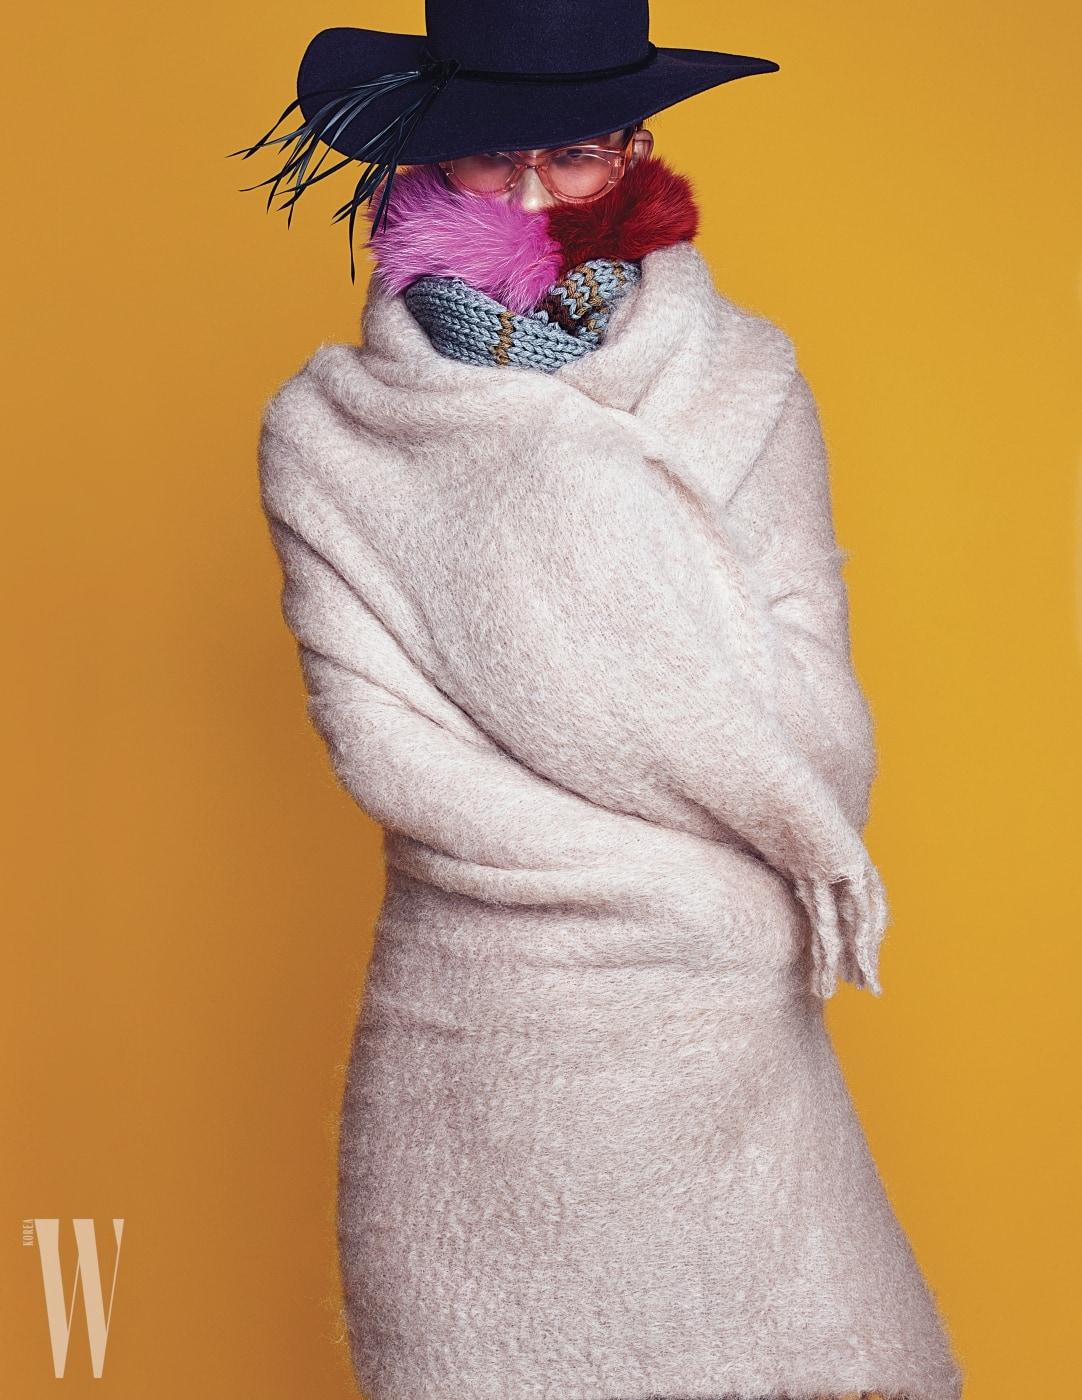 깃털 장식 모자는 Shinjeo, 투명한 핑크 선글라스는 Gentle Monster, 퍼 머플러는 Charlotte Simone by 10 Corso Como, 니트 머플러는 Prada, 모 소재의 블랭킷은 Zara Home 제품 .